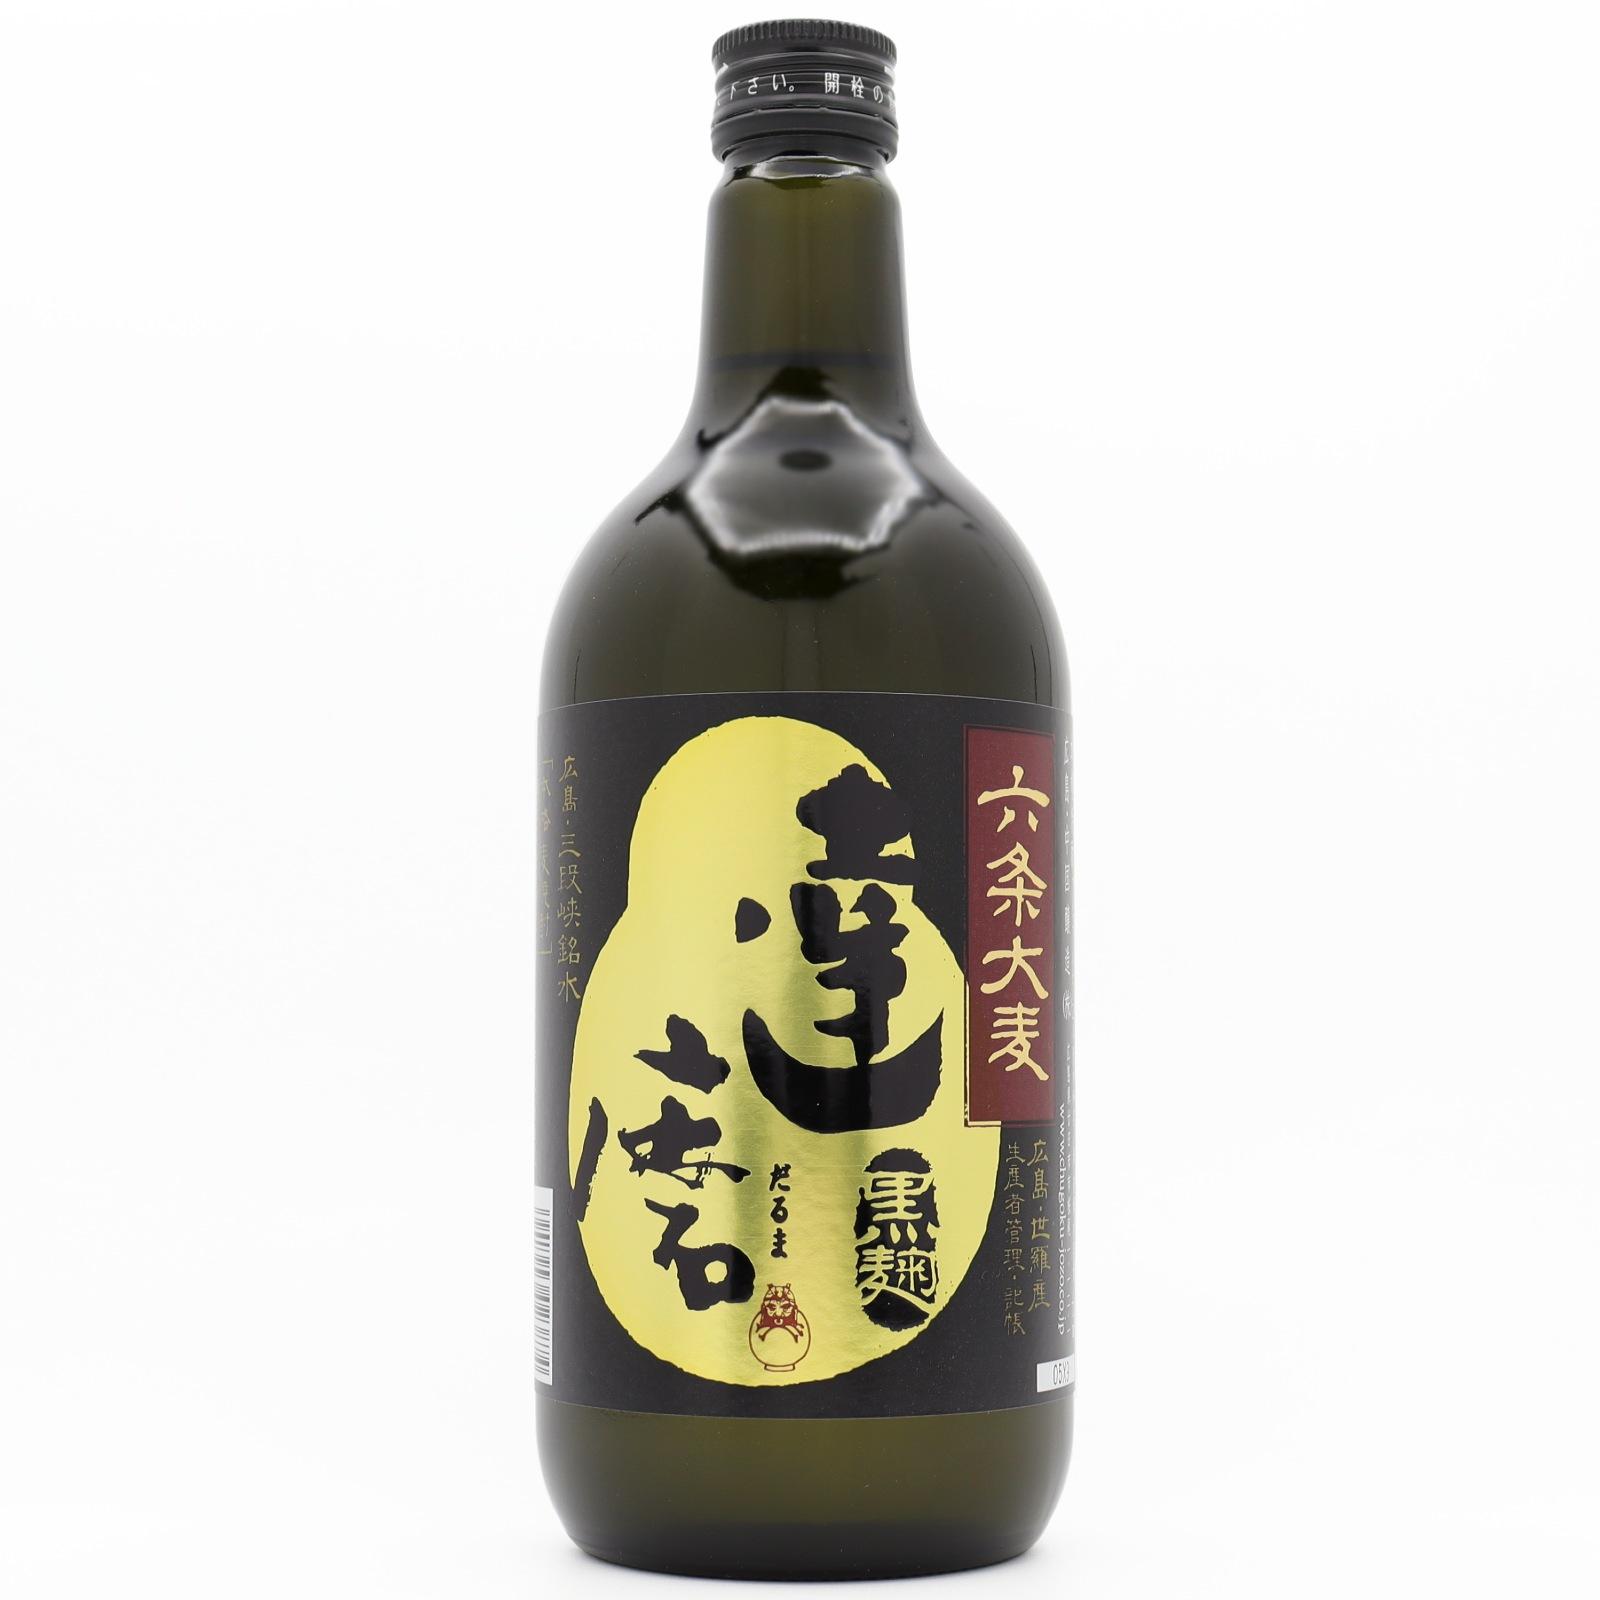 達磨 黒麹仕込み本格麦焼酎 (六条大麦)